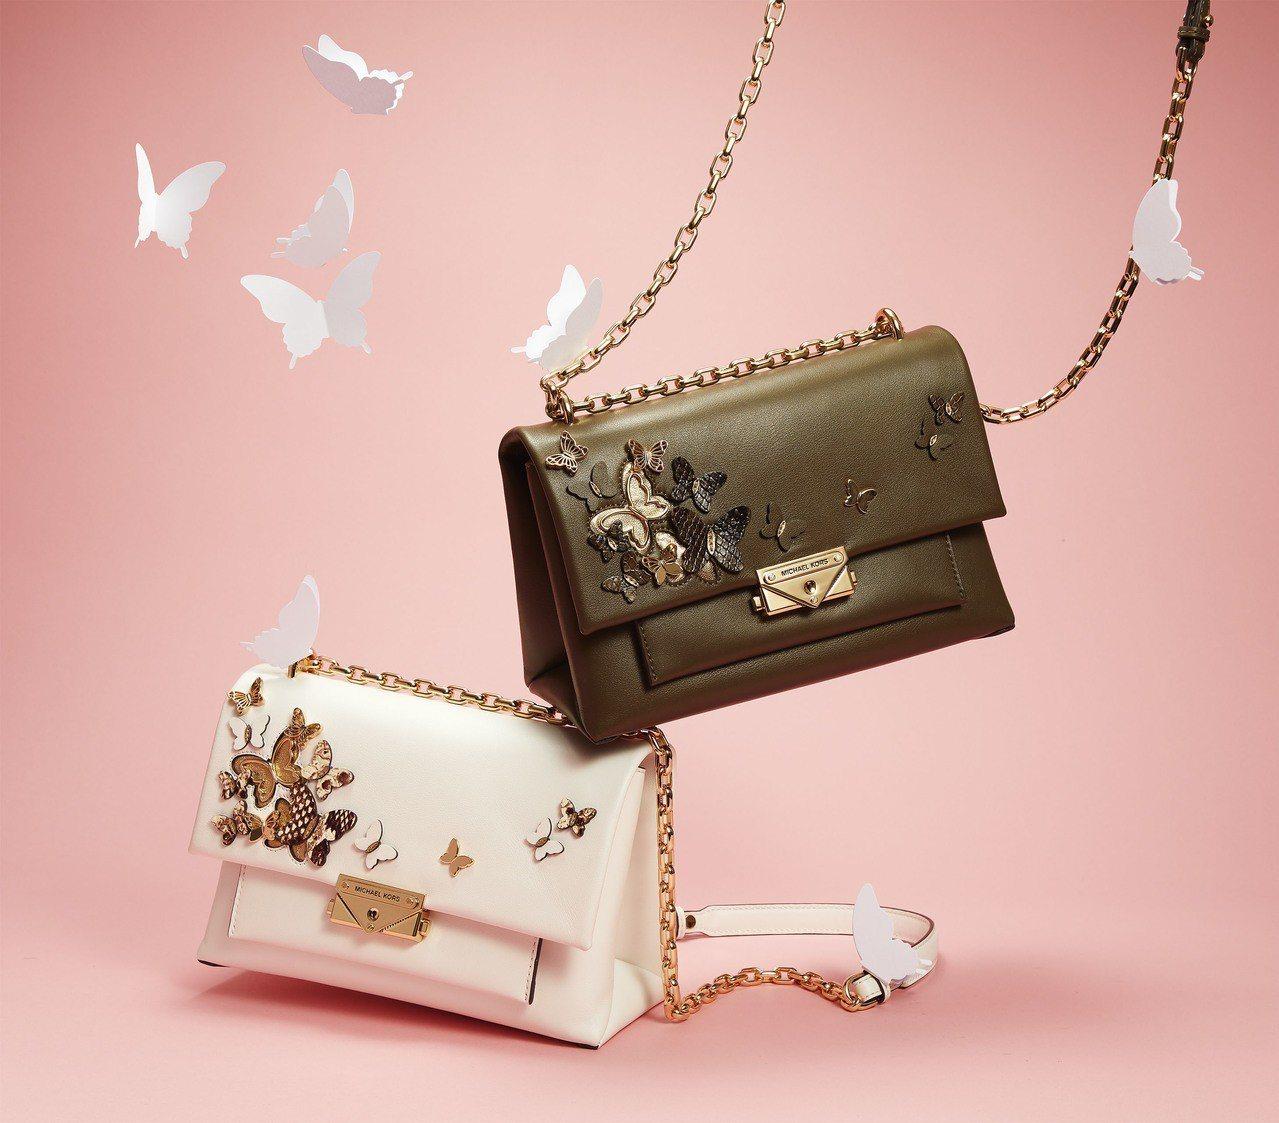 CECE立體蝴蝶裝飾鍊帶包,售價22,500元。圖/MICHAEL KORS提供